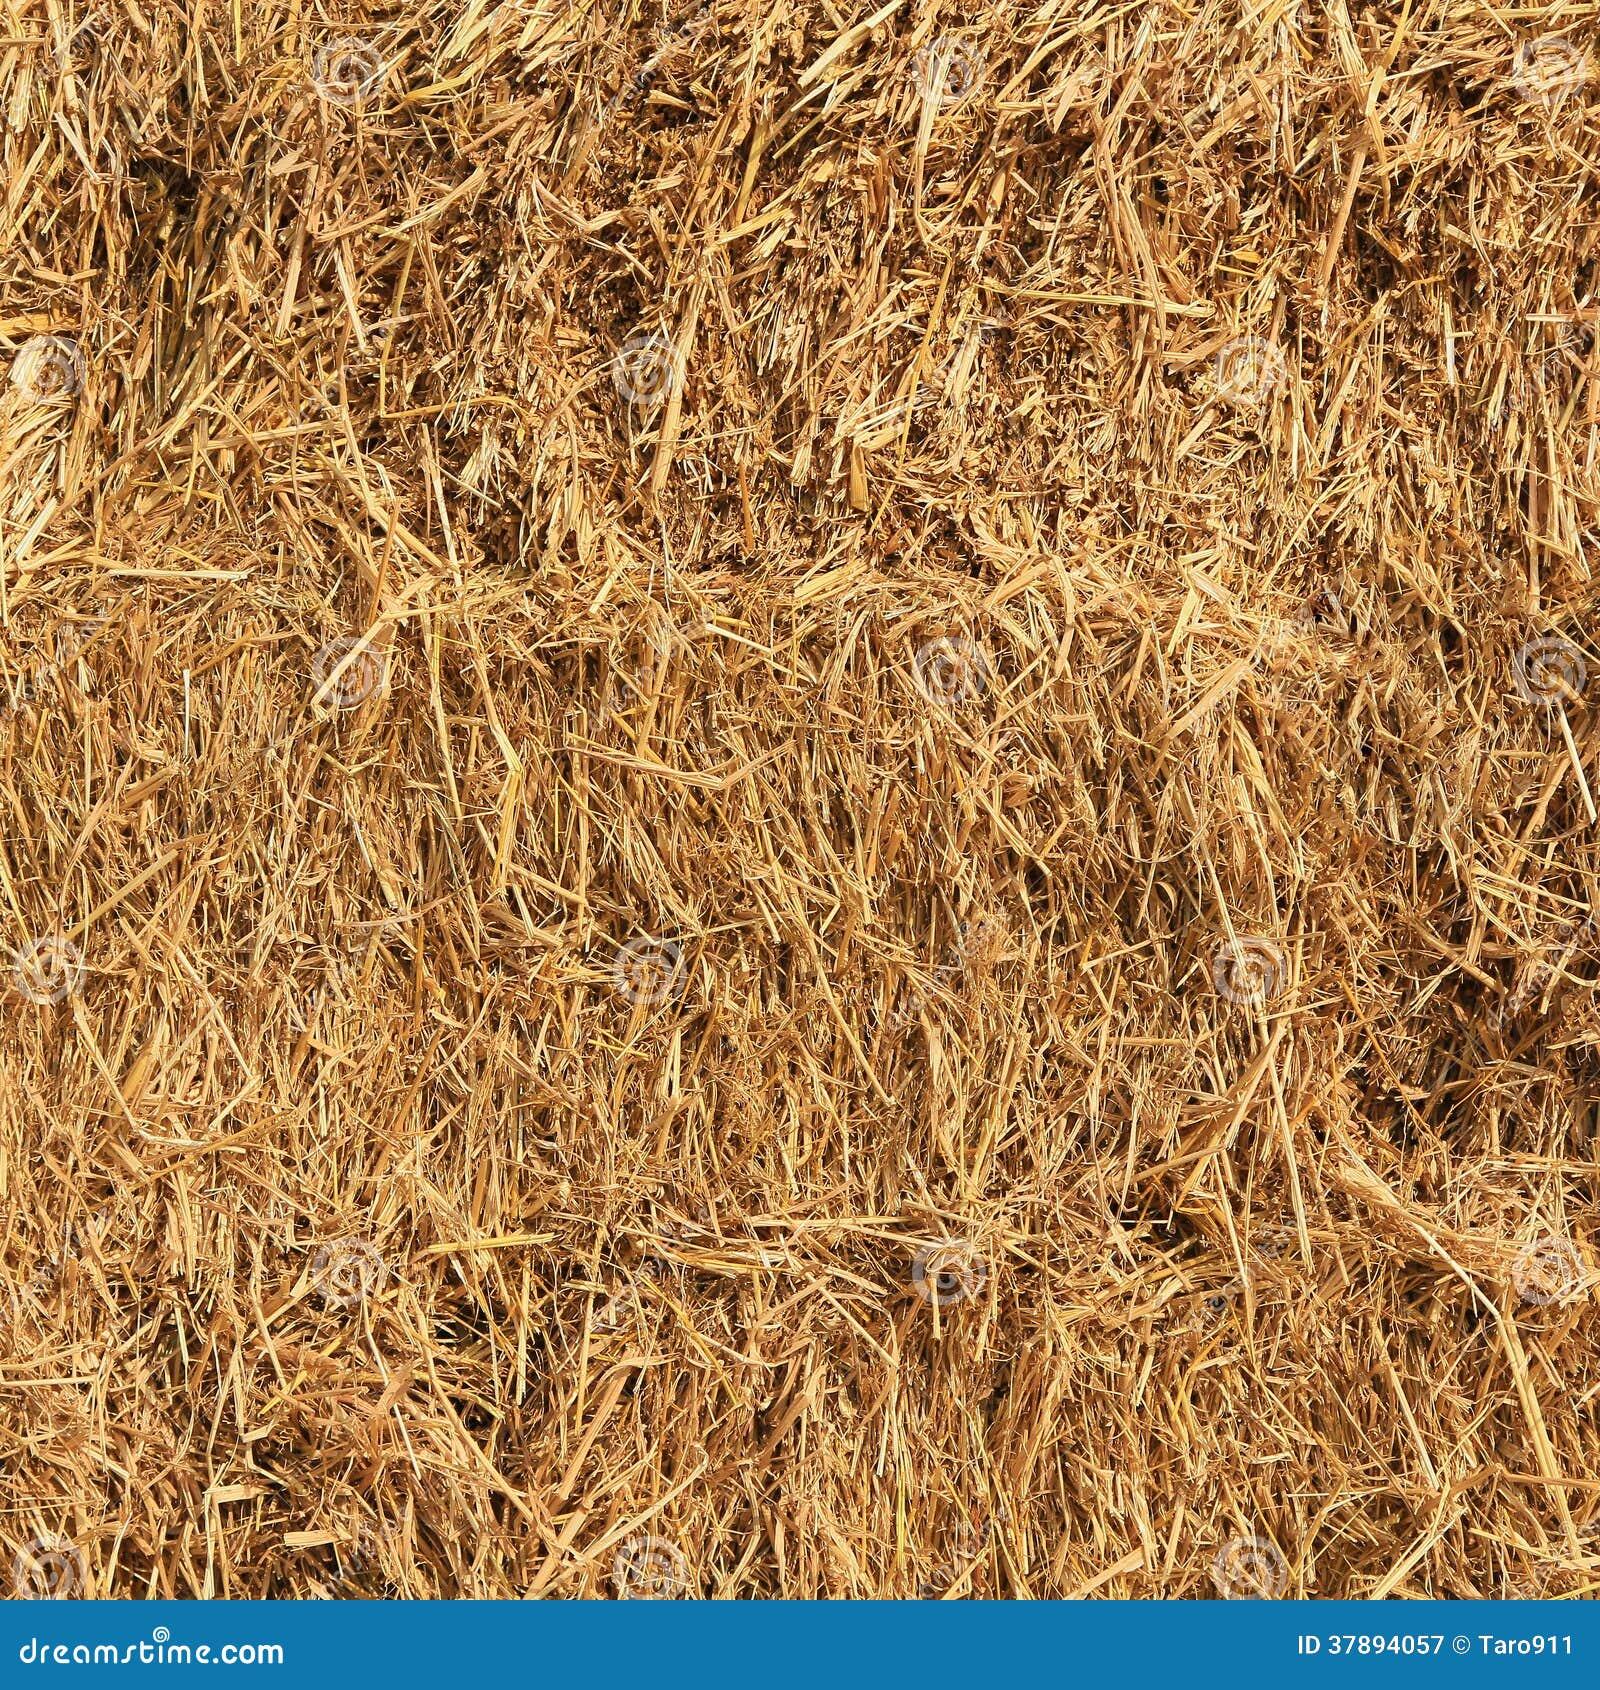 Dried straw